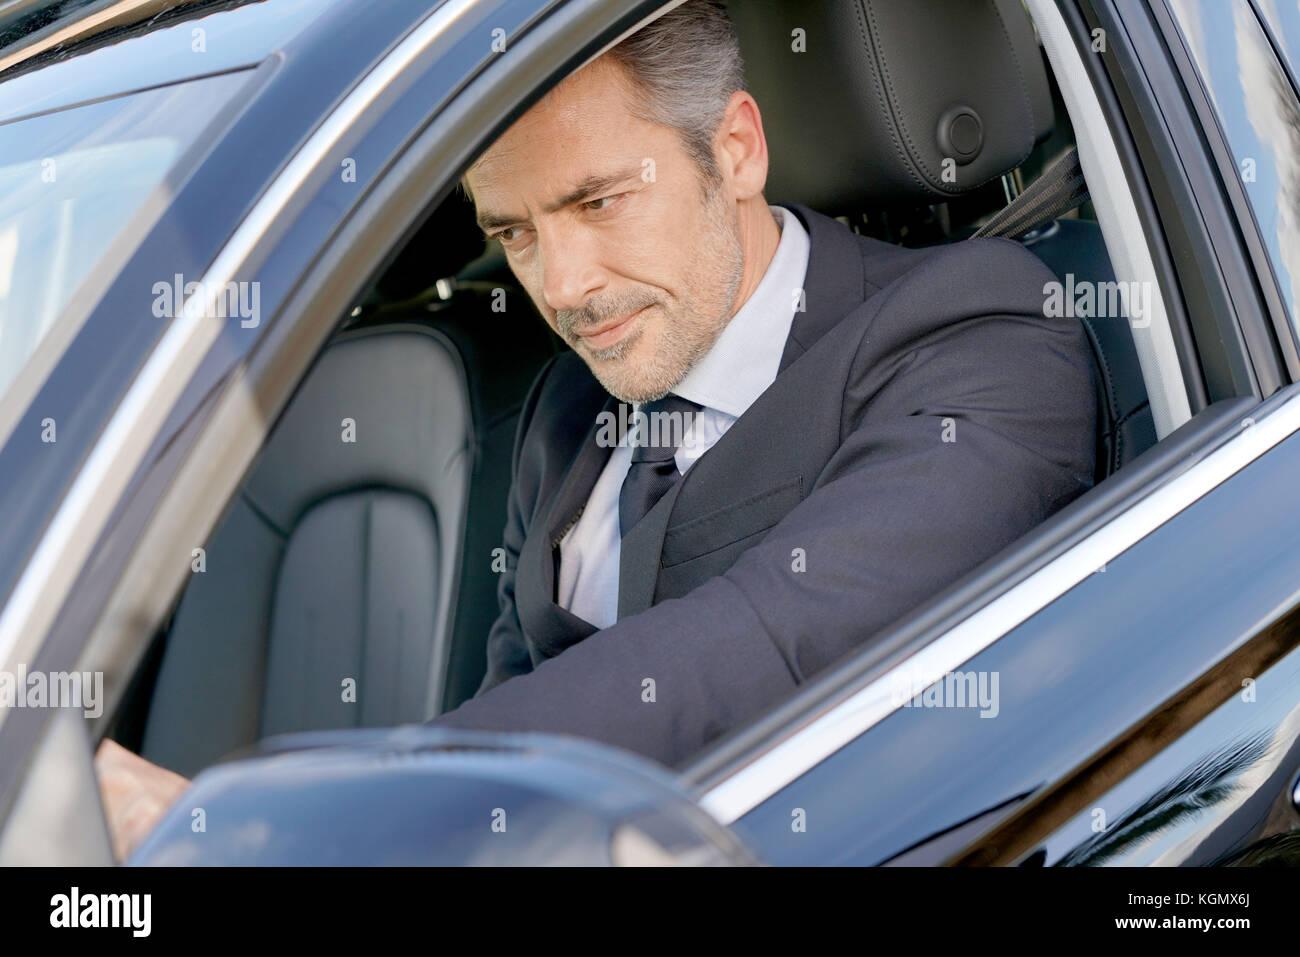 Chofer privado dentro del coche esperando para el cliente Imagen De Stock